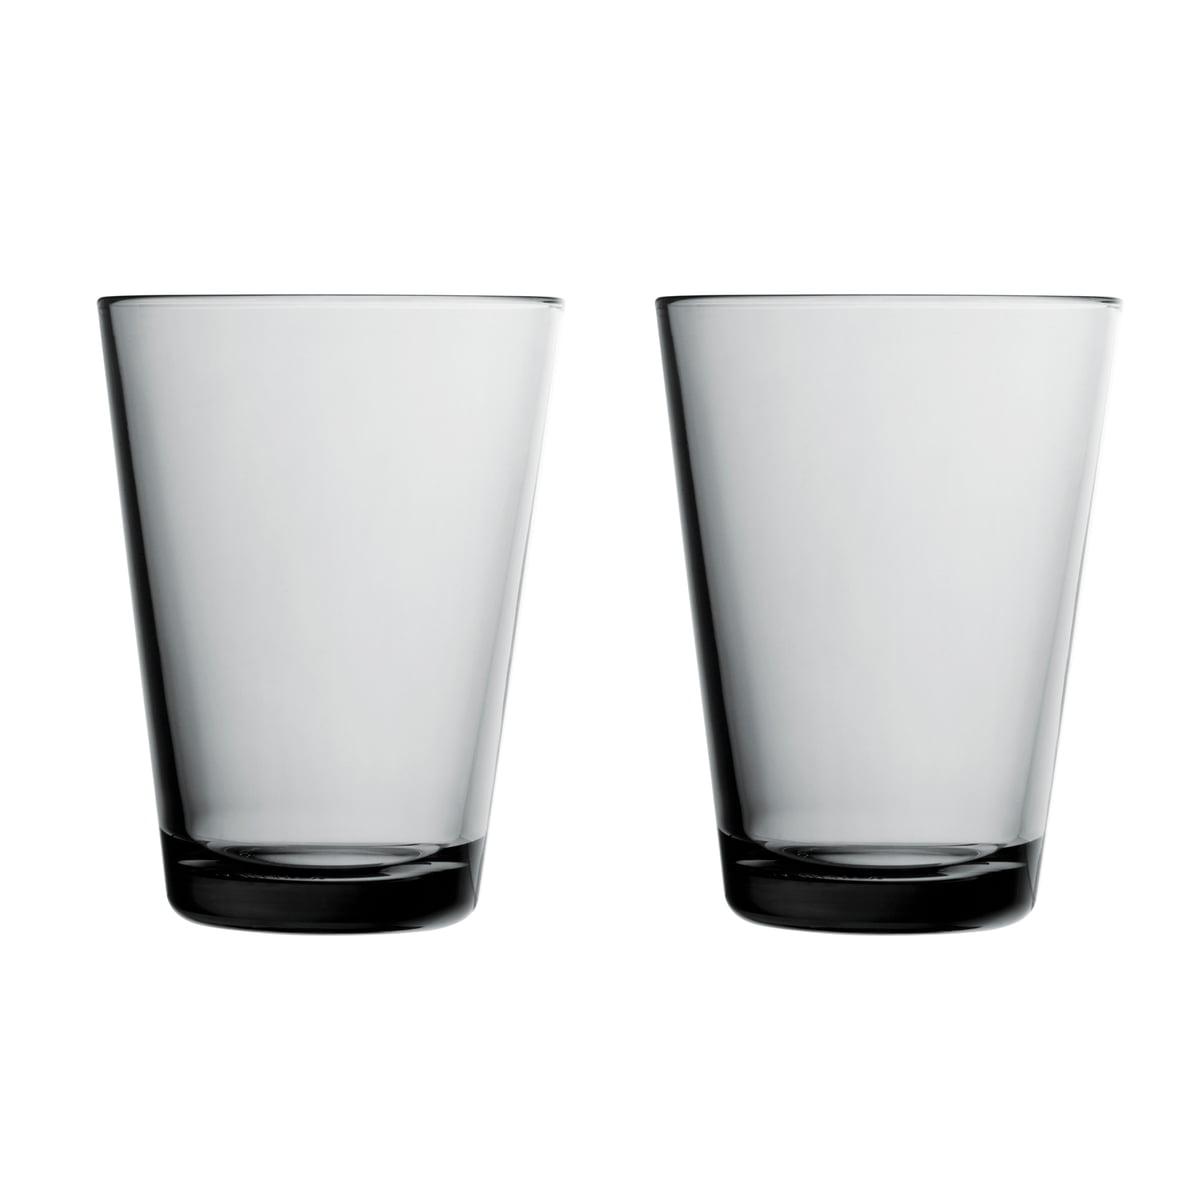 Iittala - Kartio Trinkglas 40 cl, grau (2er-Set) | Küche und Esszimmer > Besteck und Geschirr > Gläser | Iittala